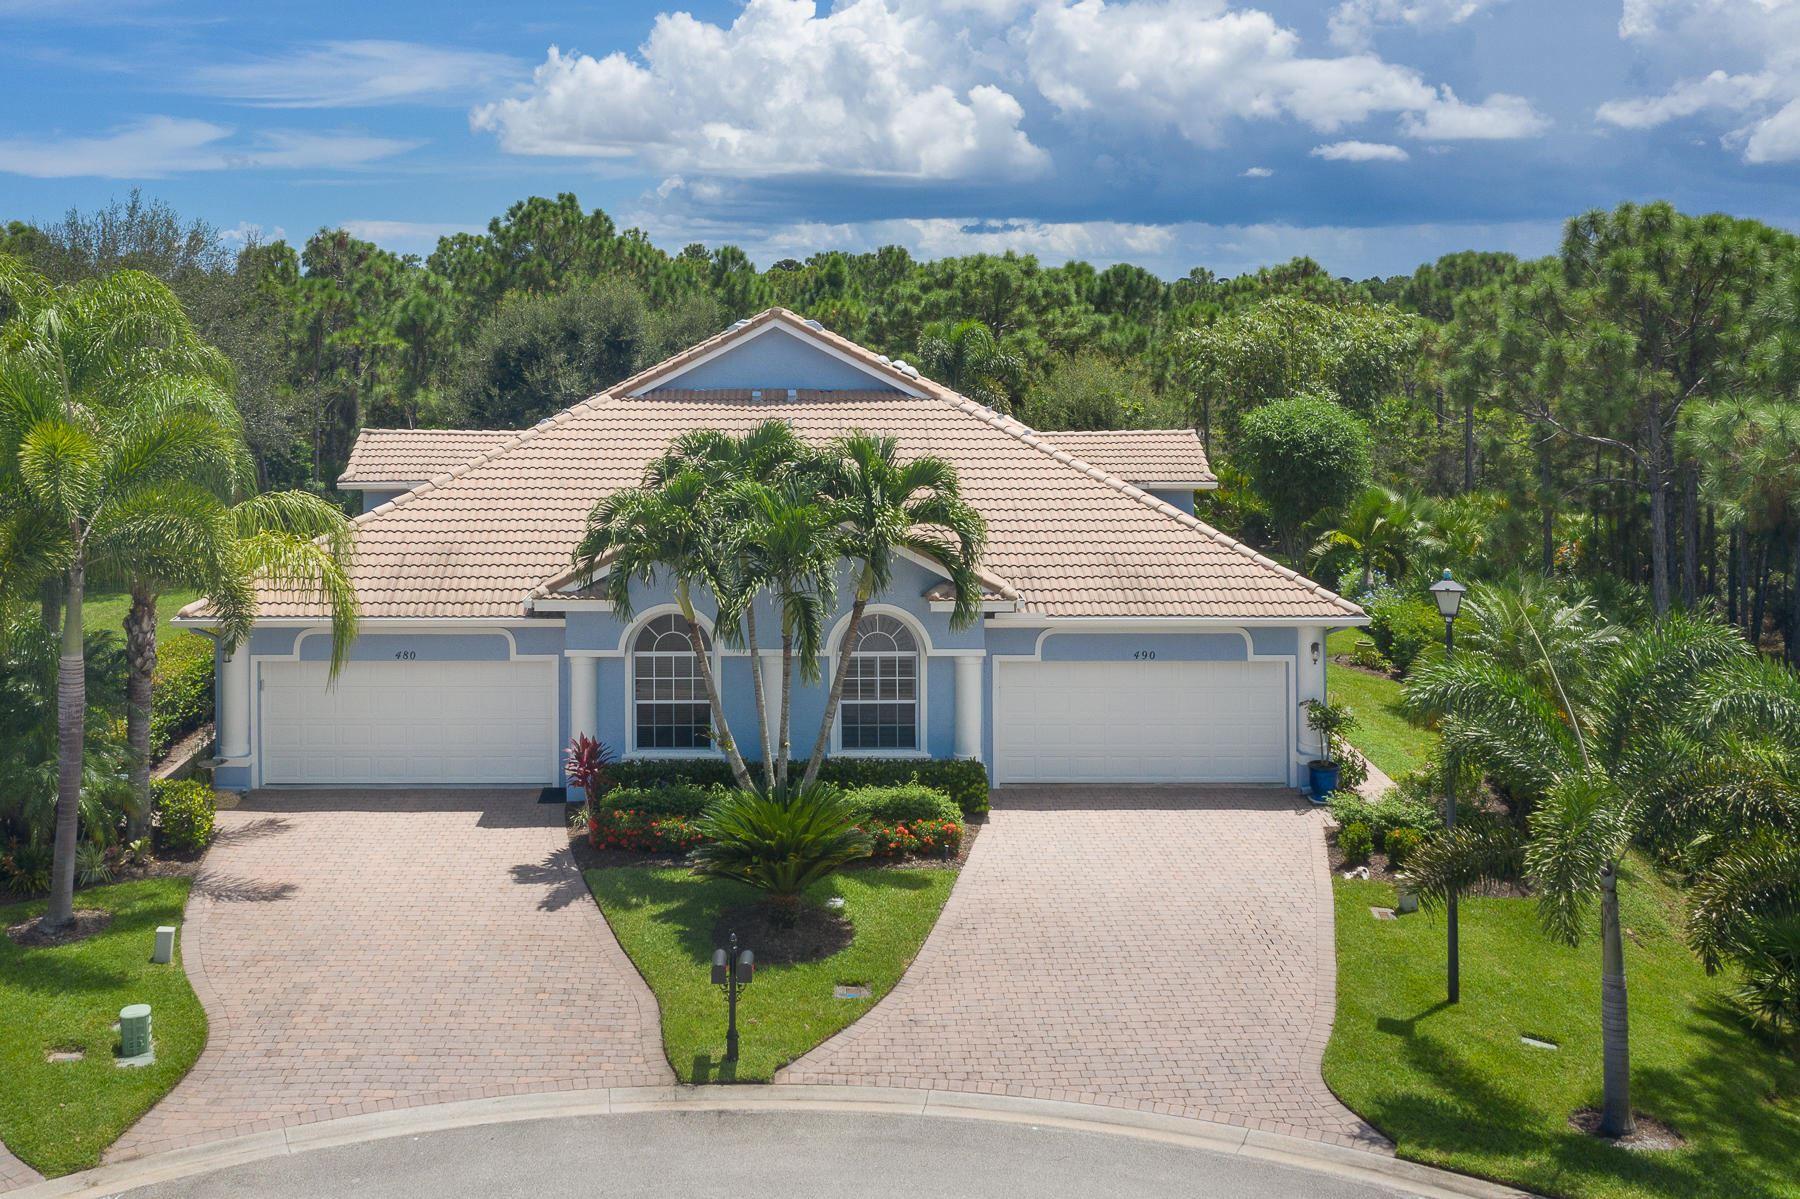 490 NW Red Pine Way, Jensen Beach, FL 34957 - #: RX-10646755